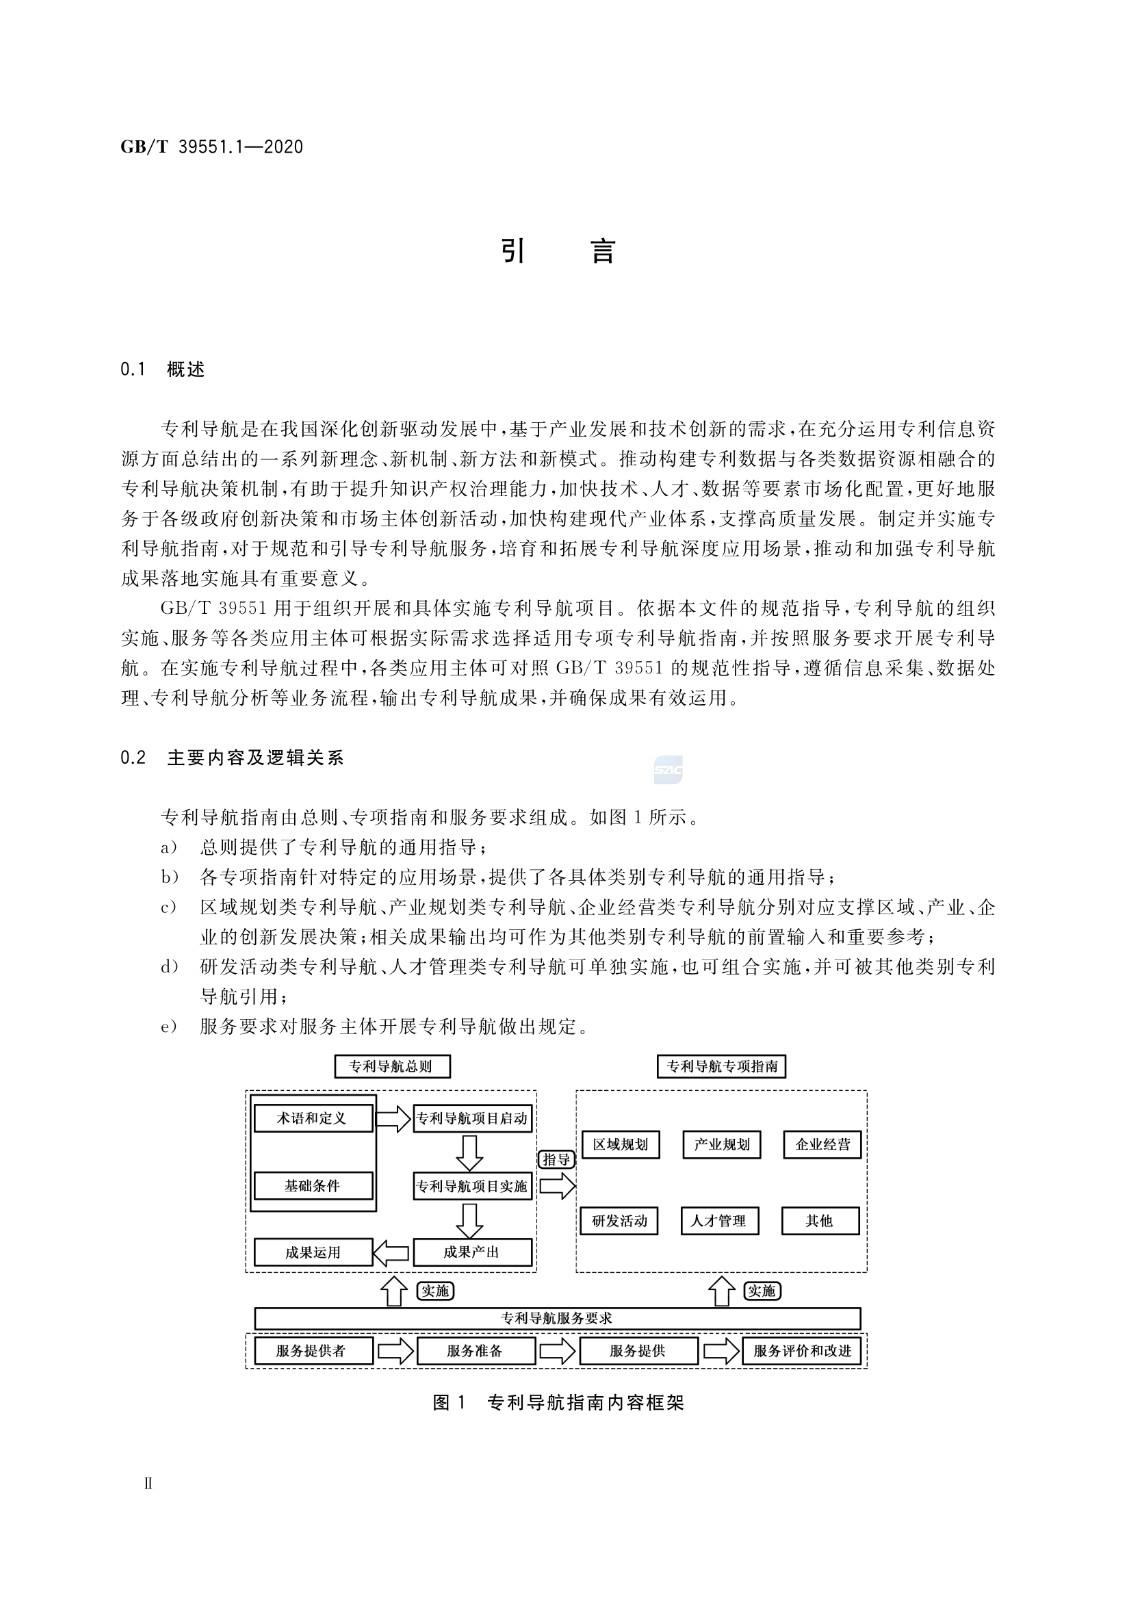 官方版本!《专利导航指南》国家标准全文!2021.6.1起实施